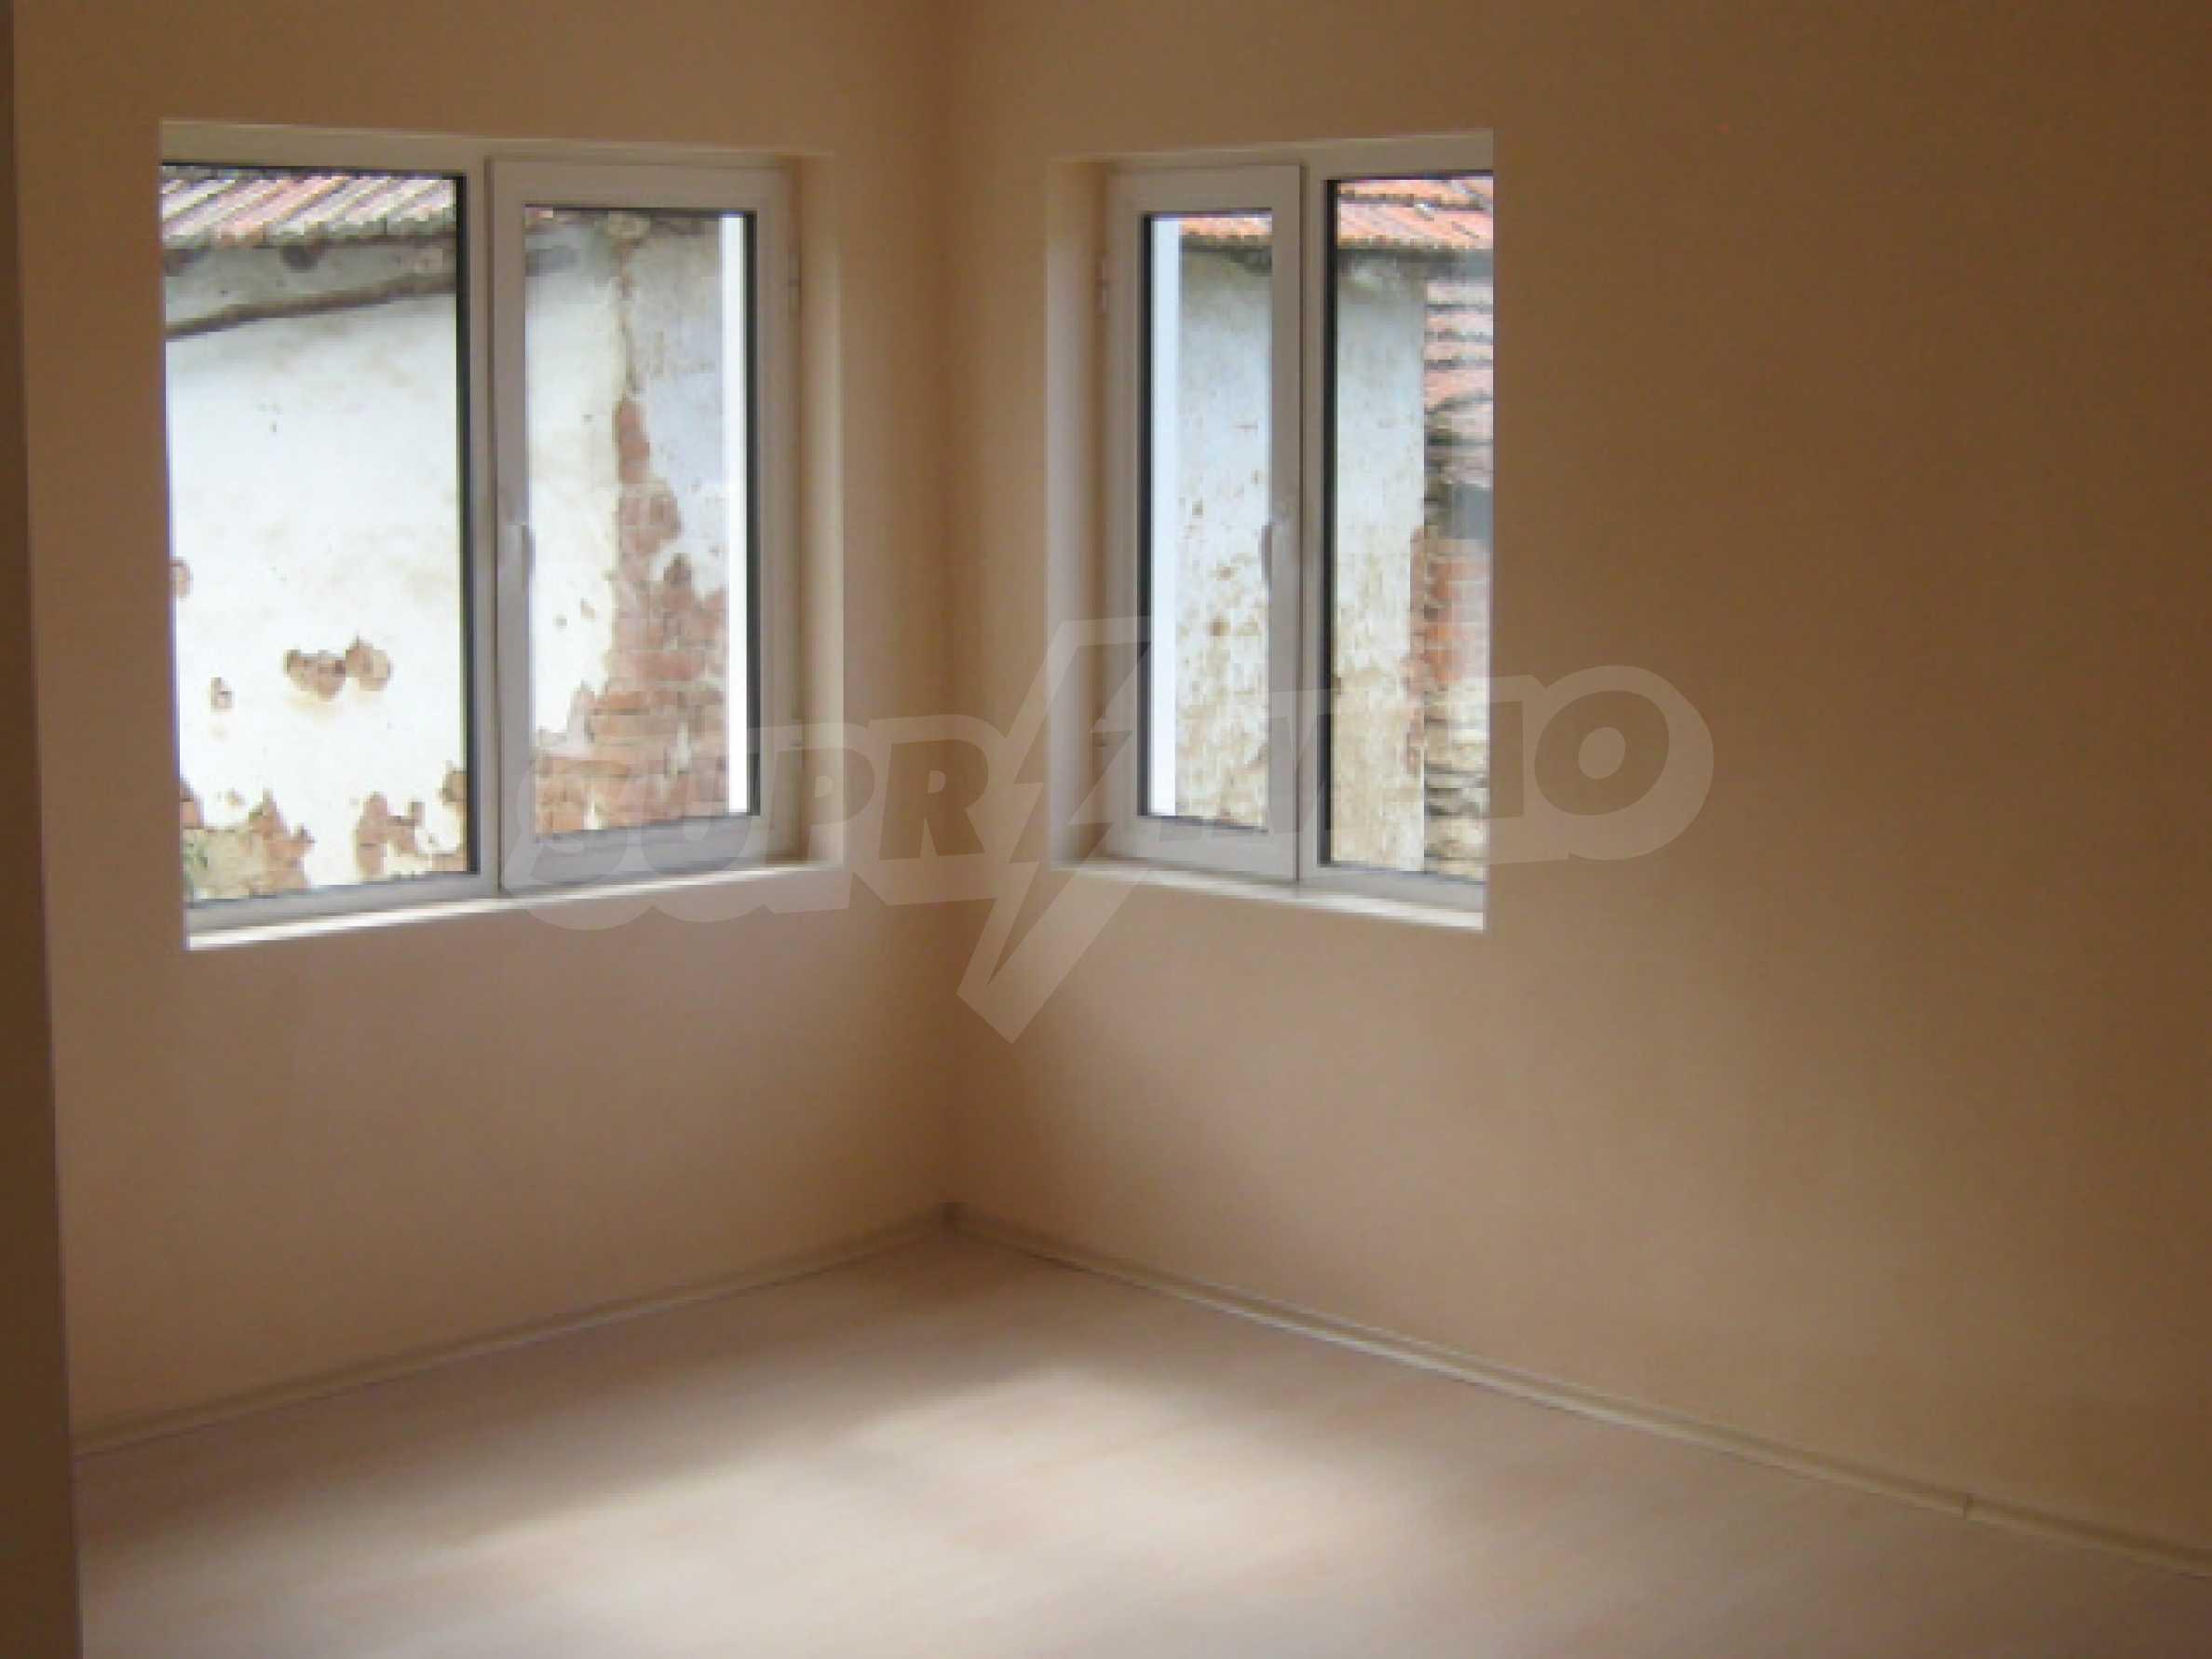 Къща за продажба близо до гр. Видин  2